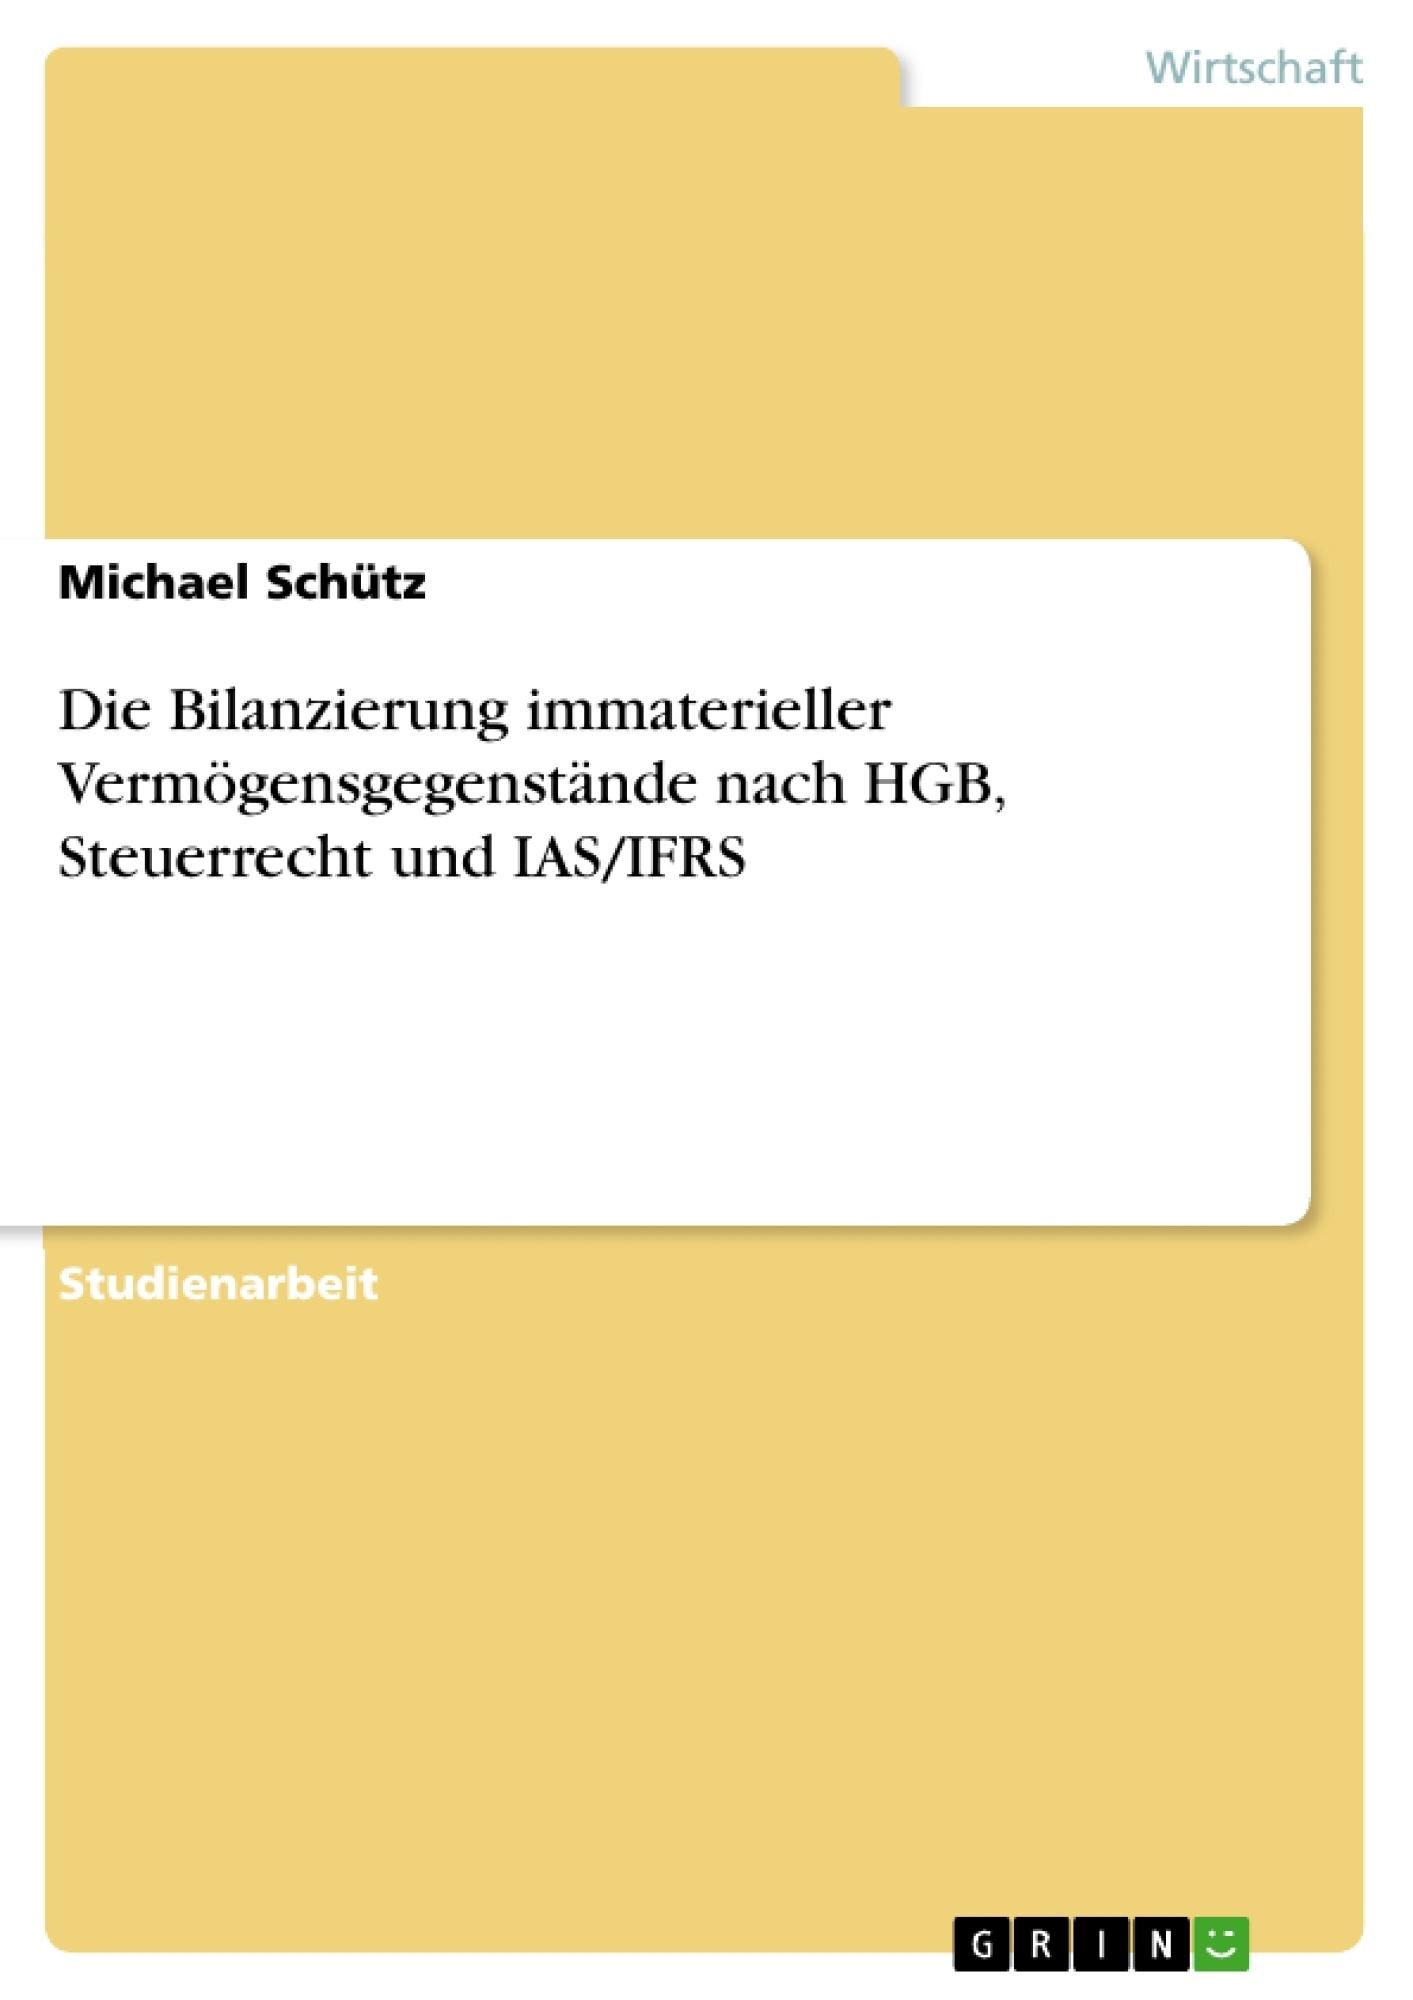 Titel: Die Bilanzierung immaterieller Vermögensgegenstände nach HGB, Steuerrecht und IAS/IFRS